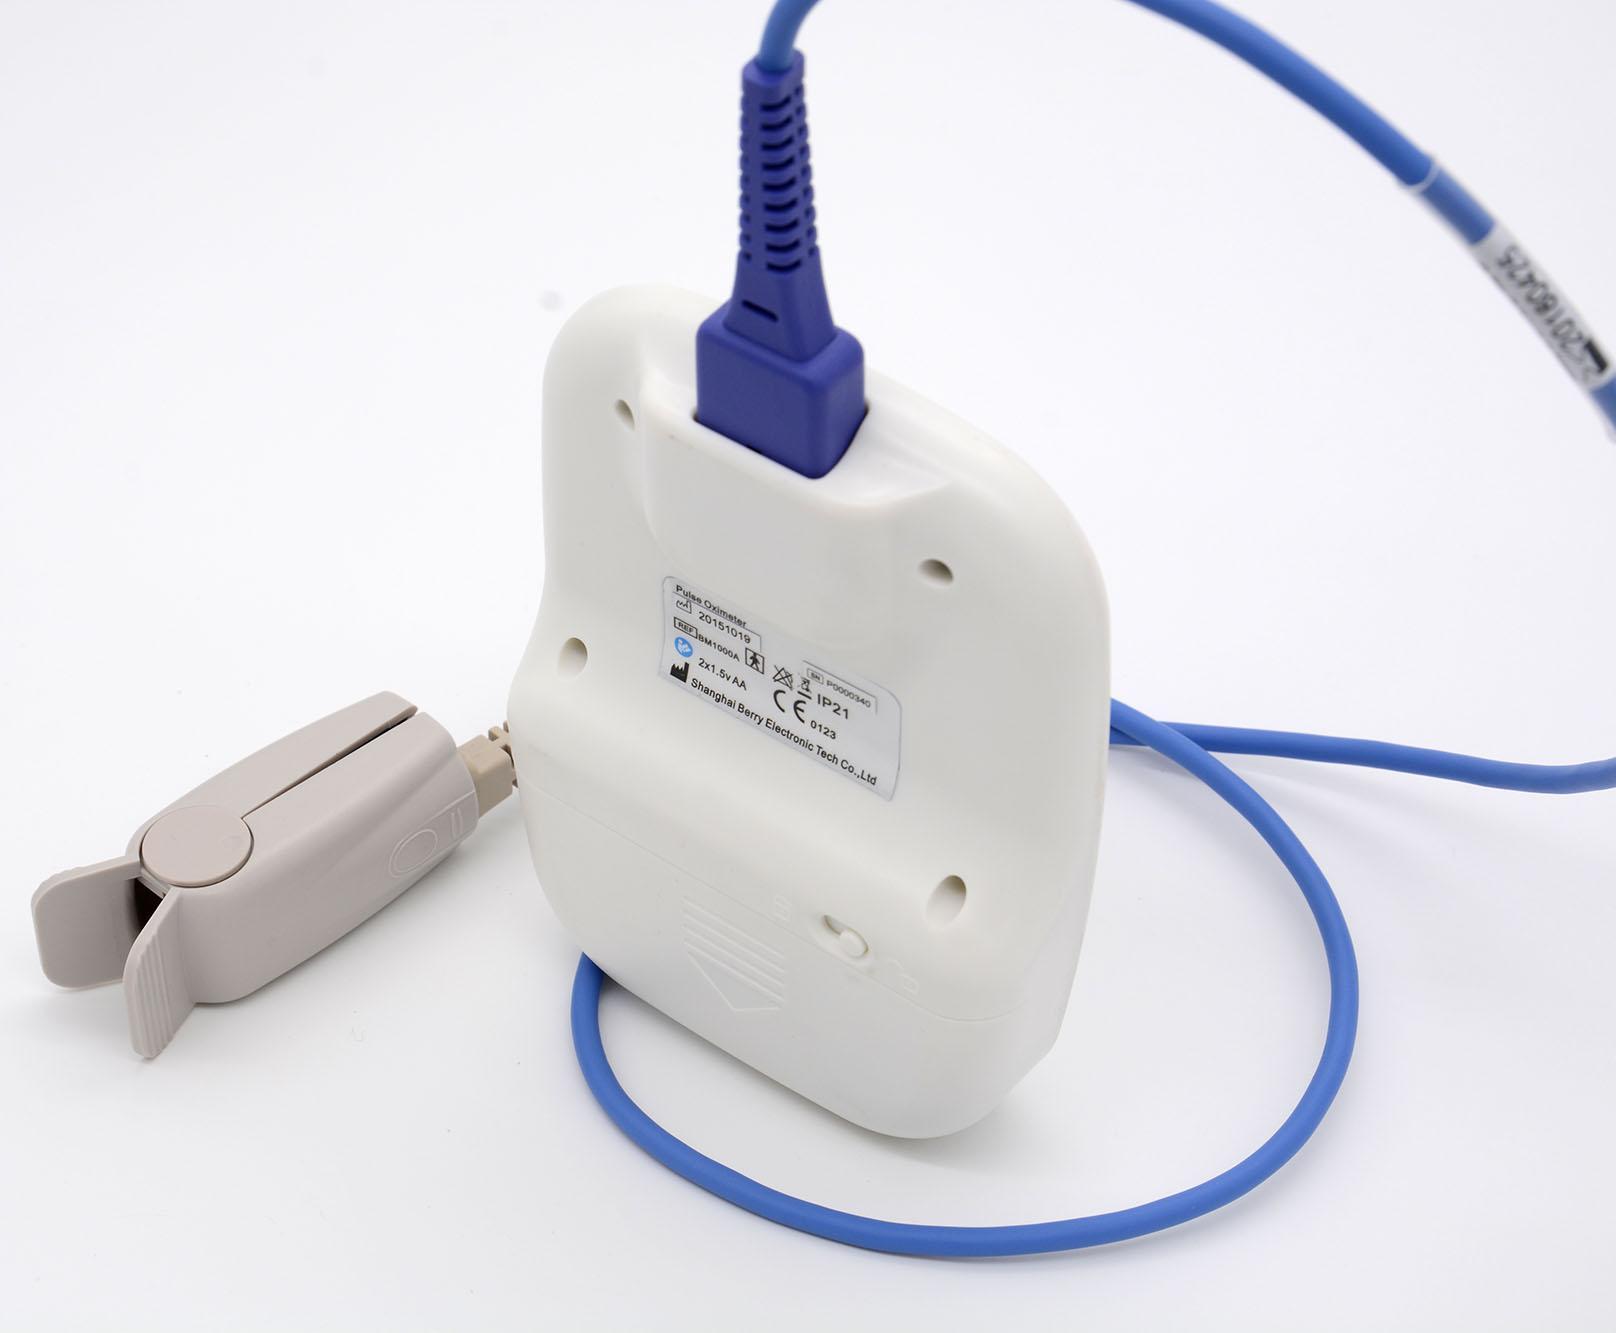 CE認証的批發醫療設備手持式脈搏血氧儀 1